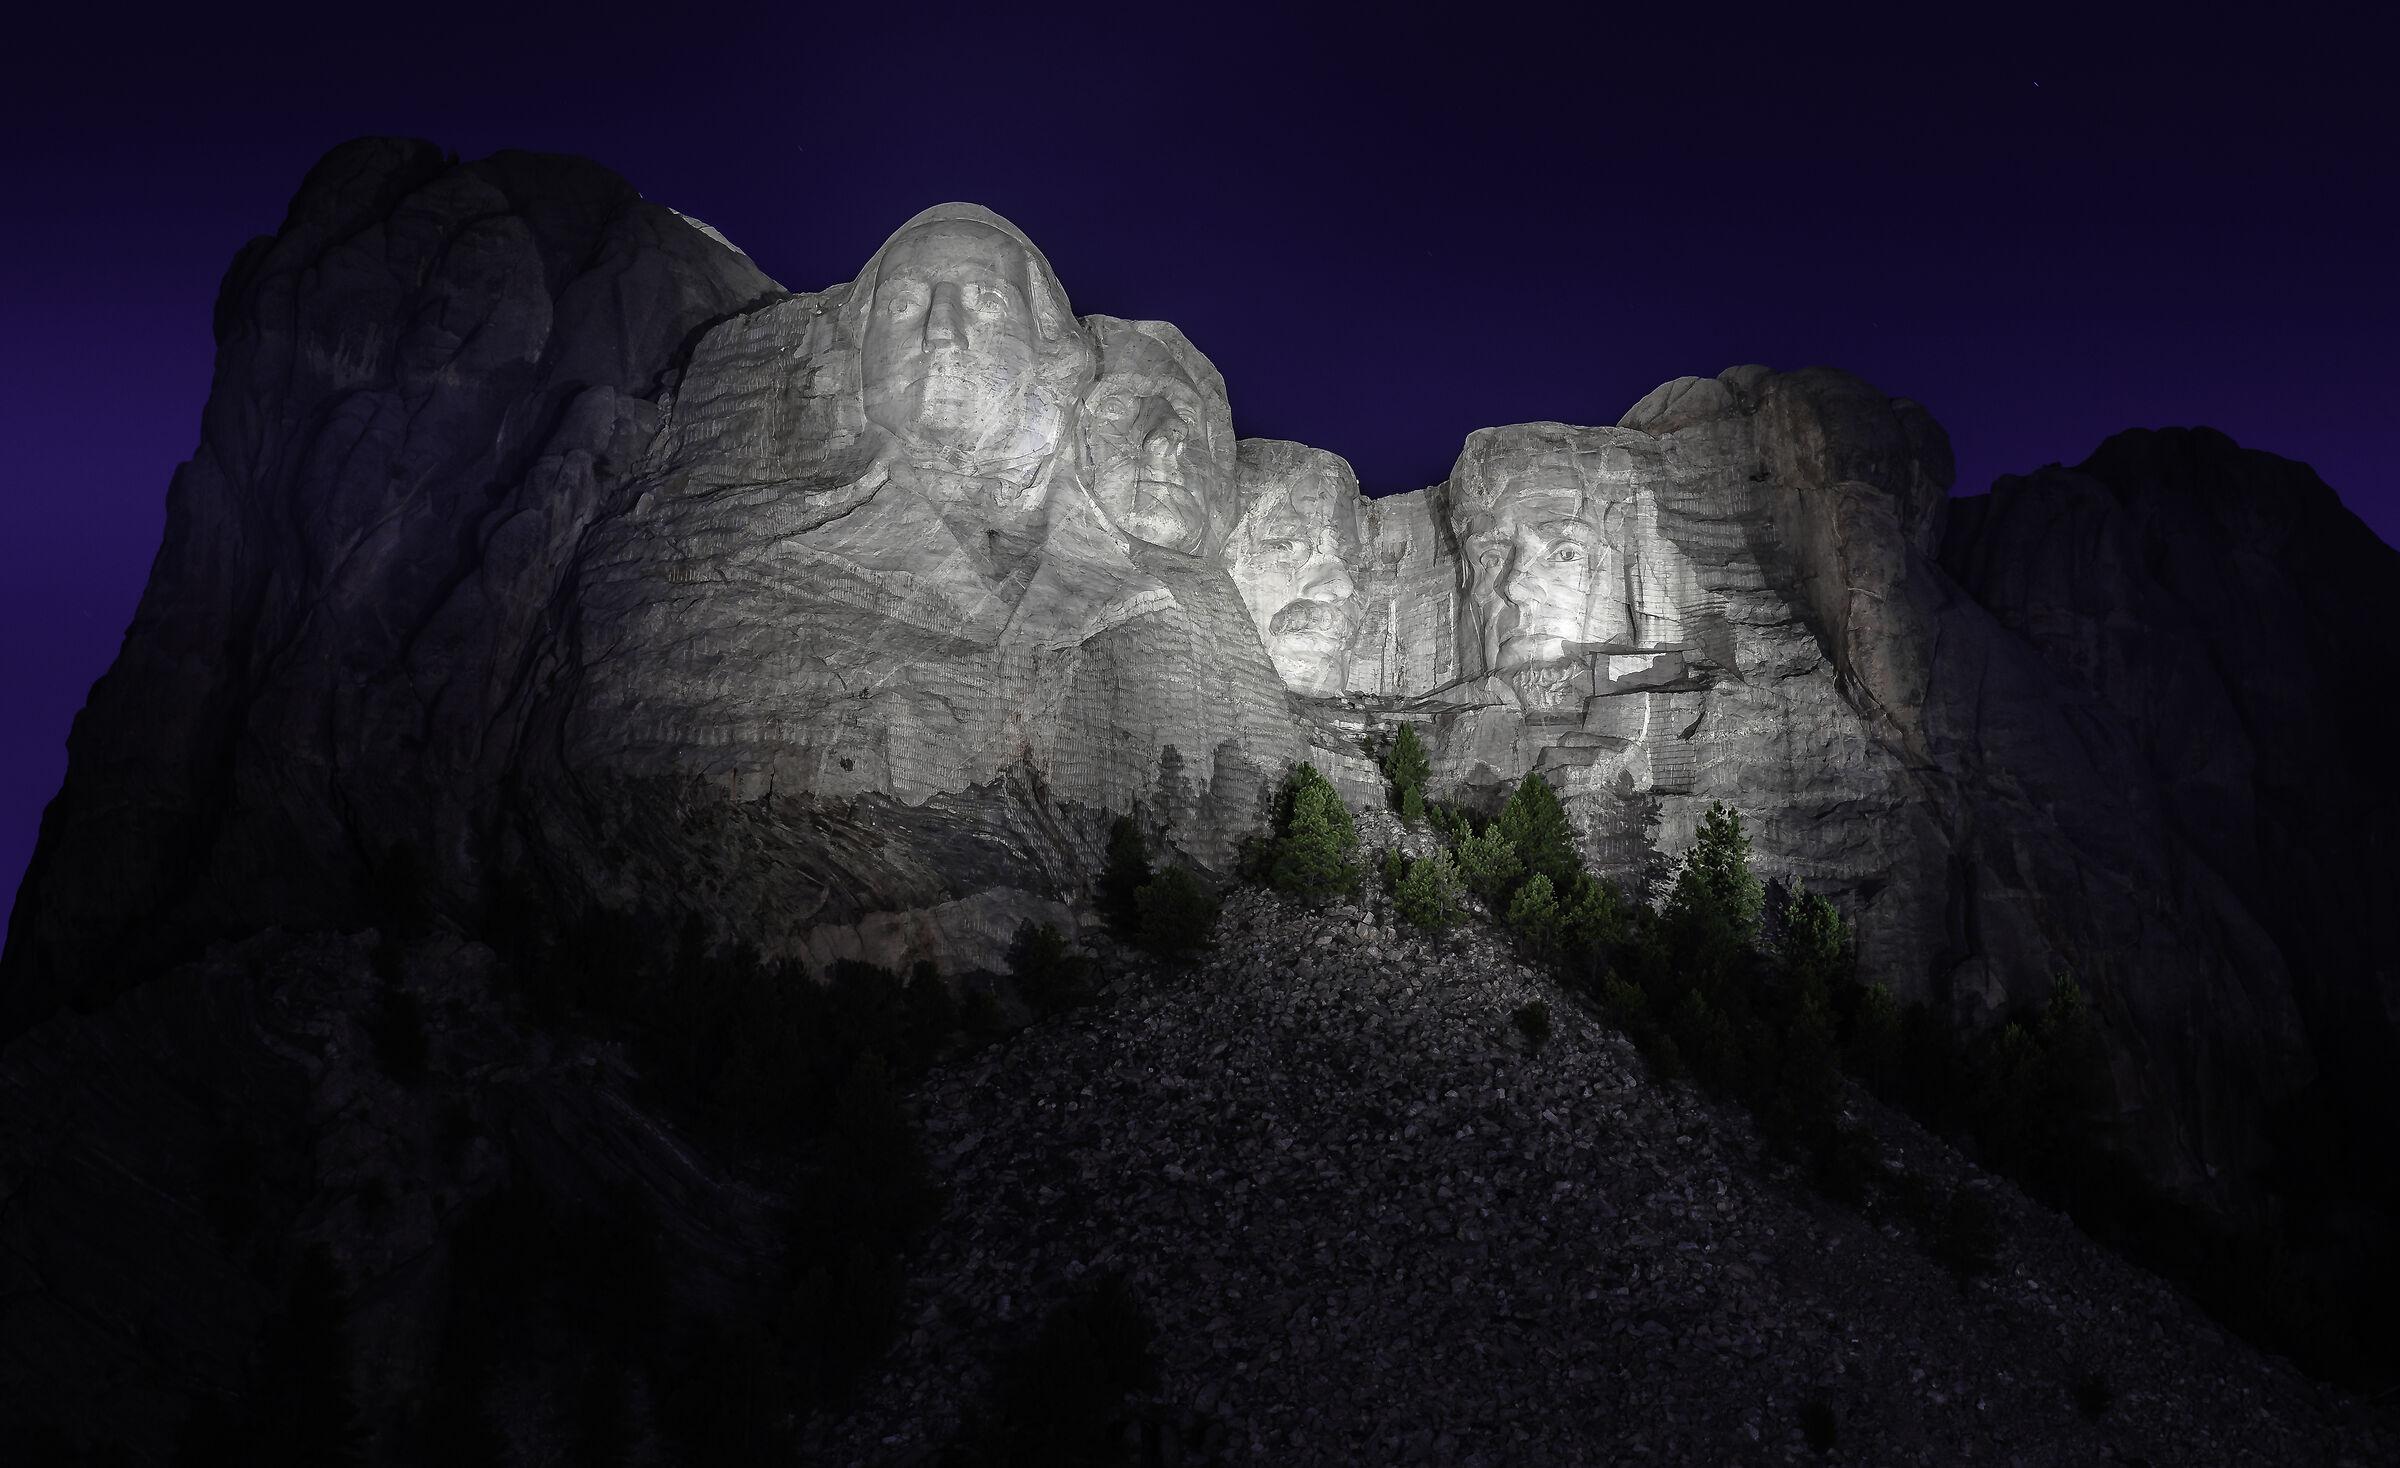 Mount Rushmore National Memorial...